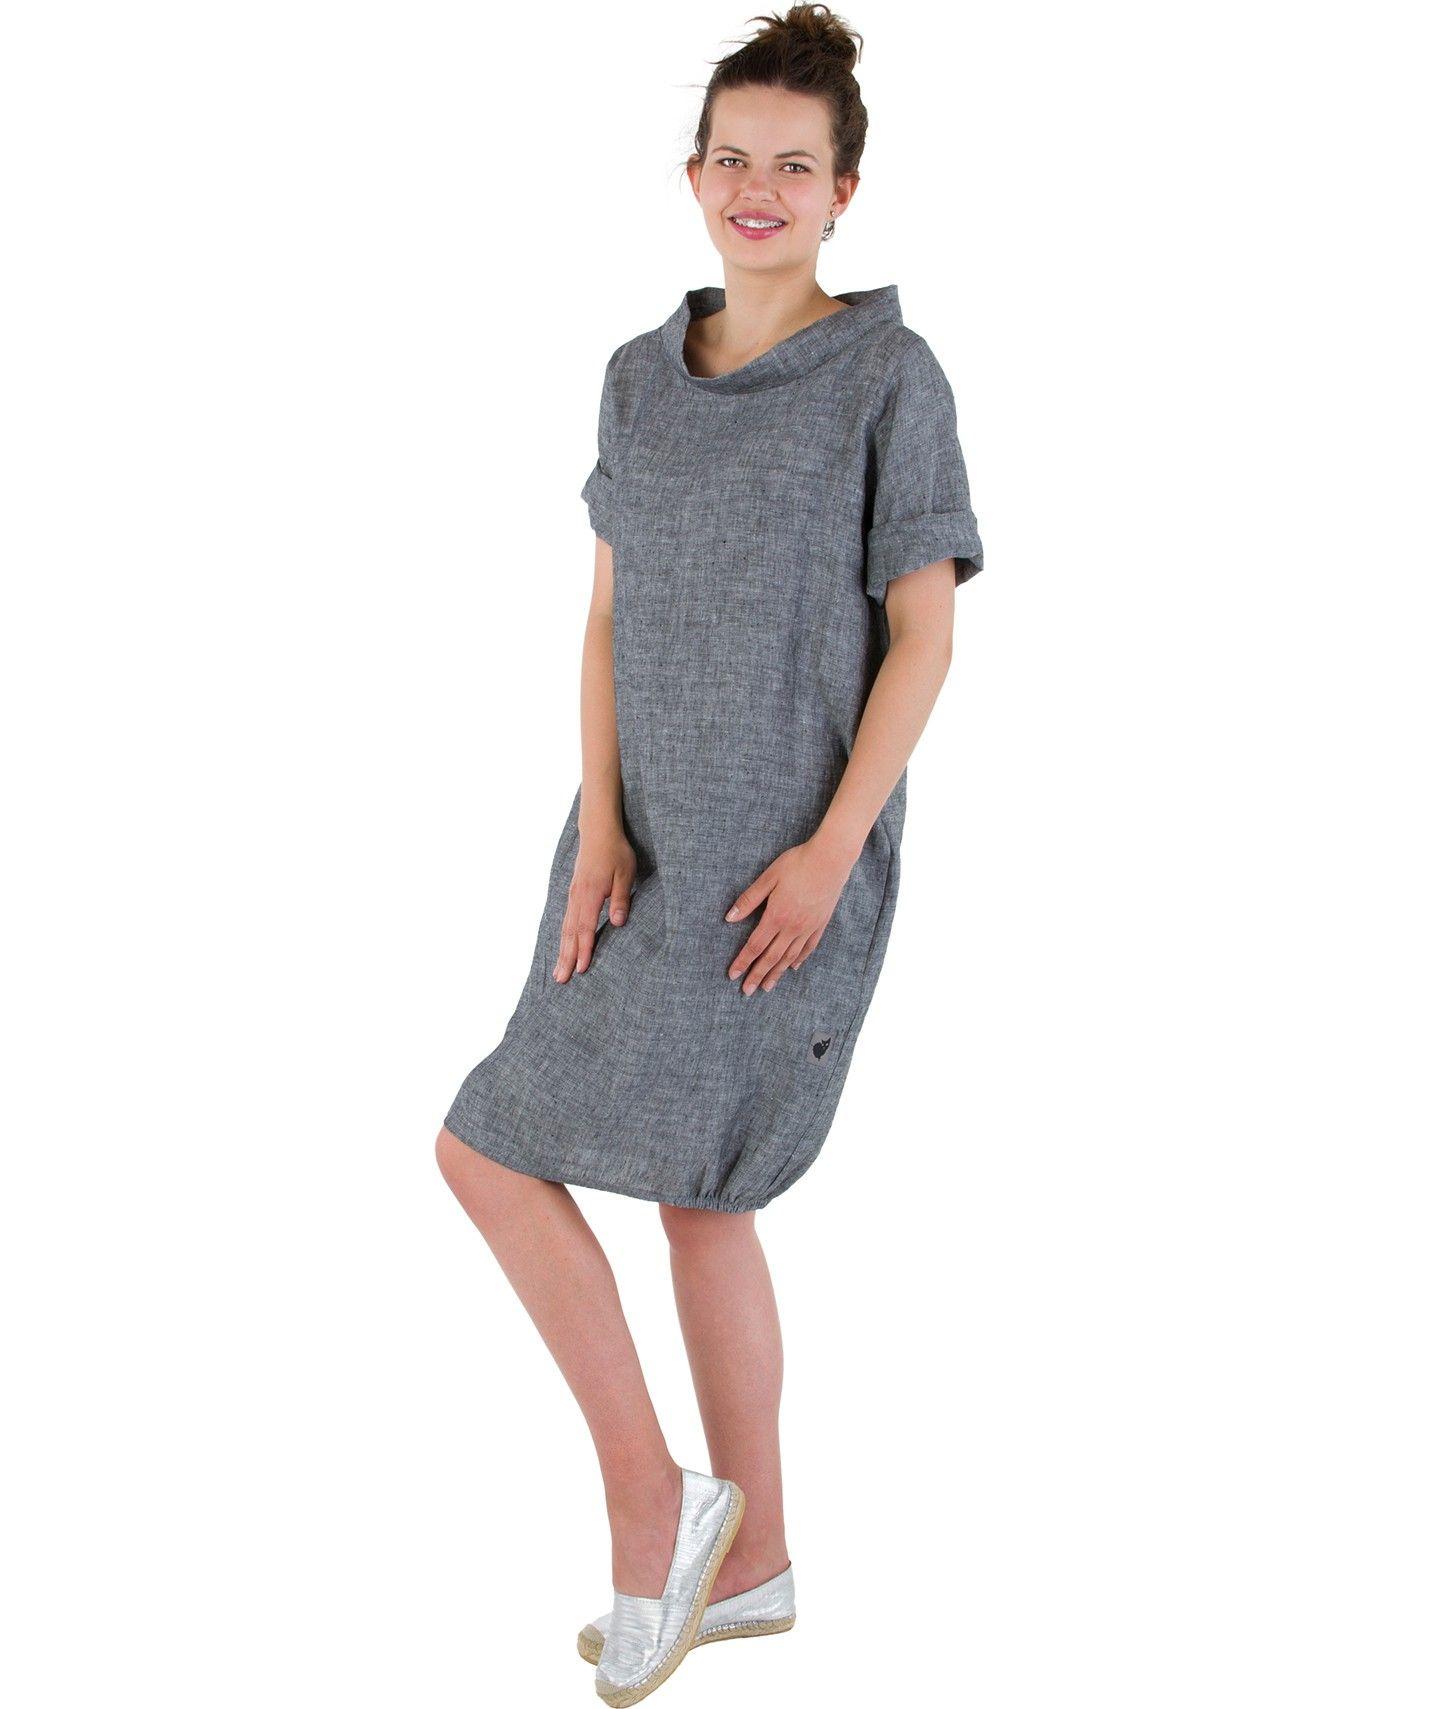 df45432109a2b0 ... sukienka lniana LOU DRESS czas oczekiwania 10 dni; długa sukienka LOU  DRESS ...